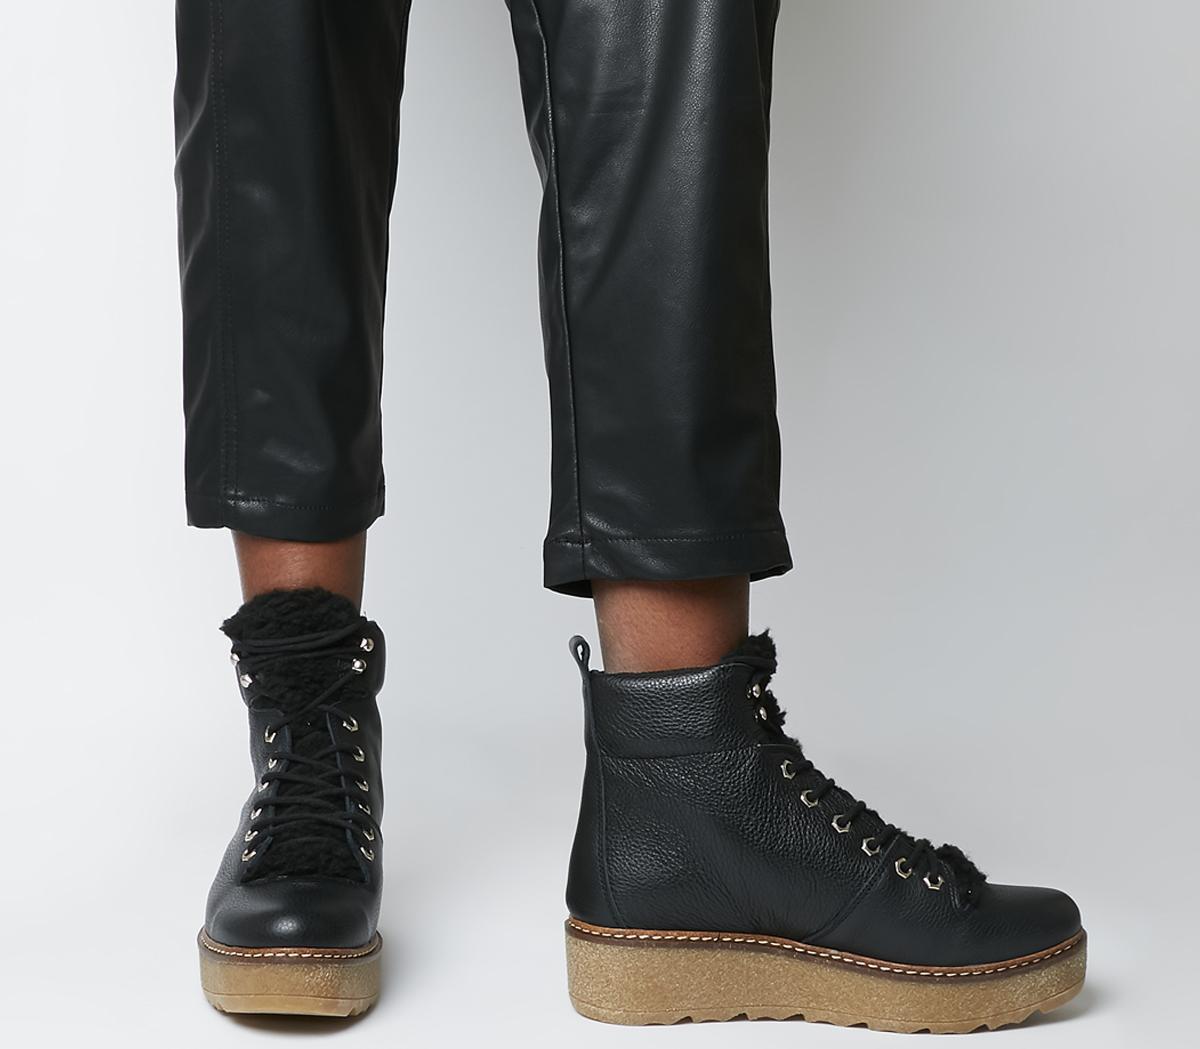 Bex L Lace Boots